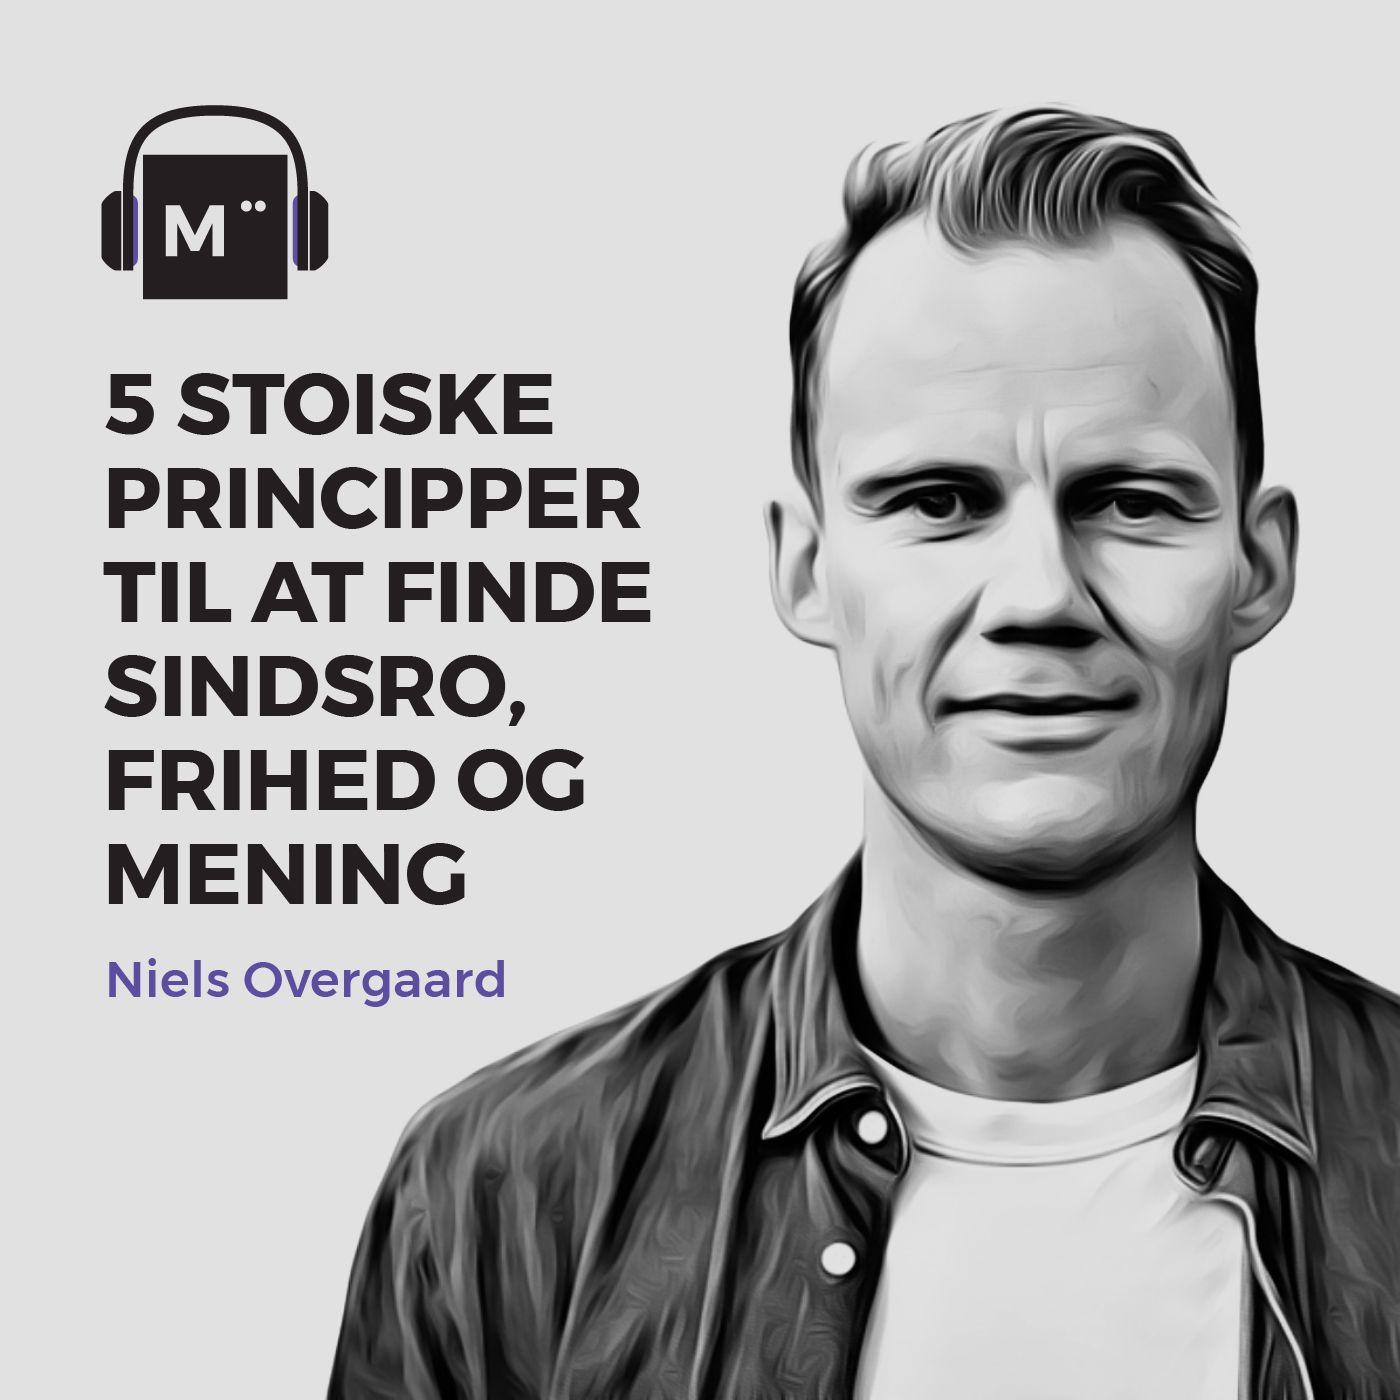 5 stoiske principper til at finde sindsro, frihed og mening – med Niels Overgaard